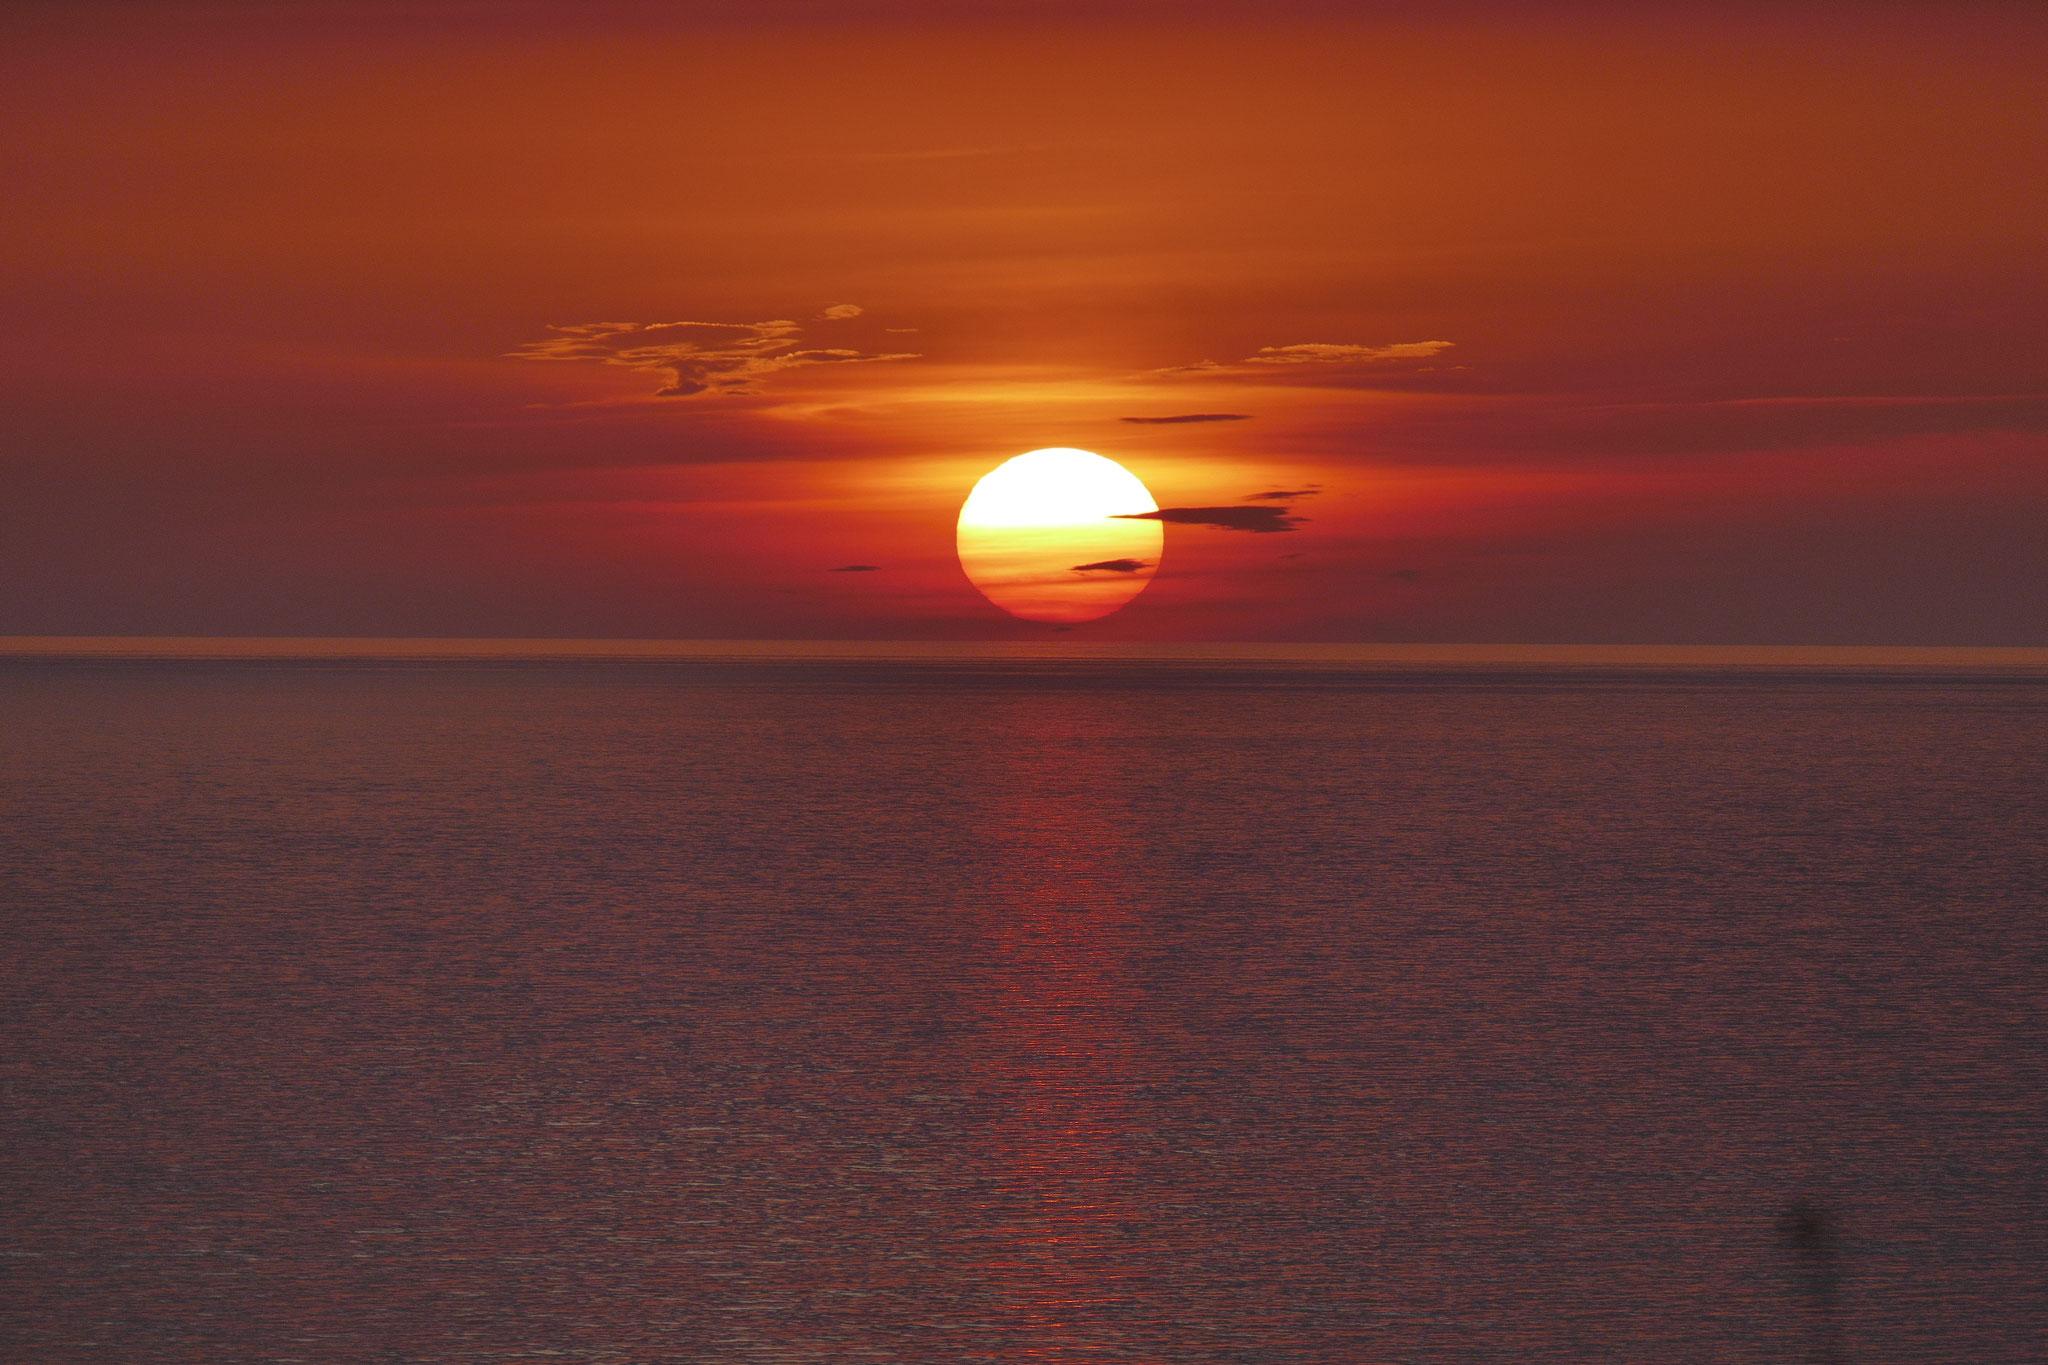 Sonnenuntergang vom Leuchturm aus